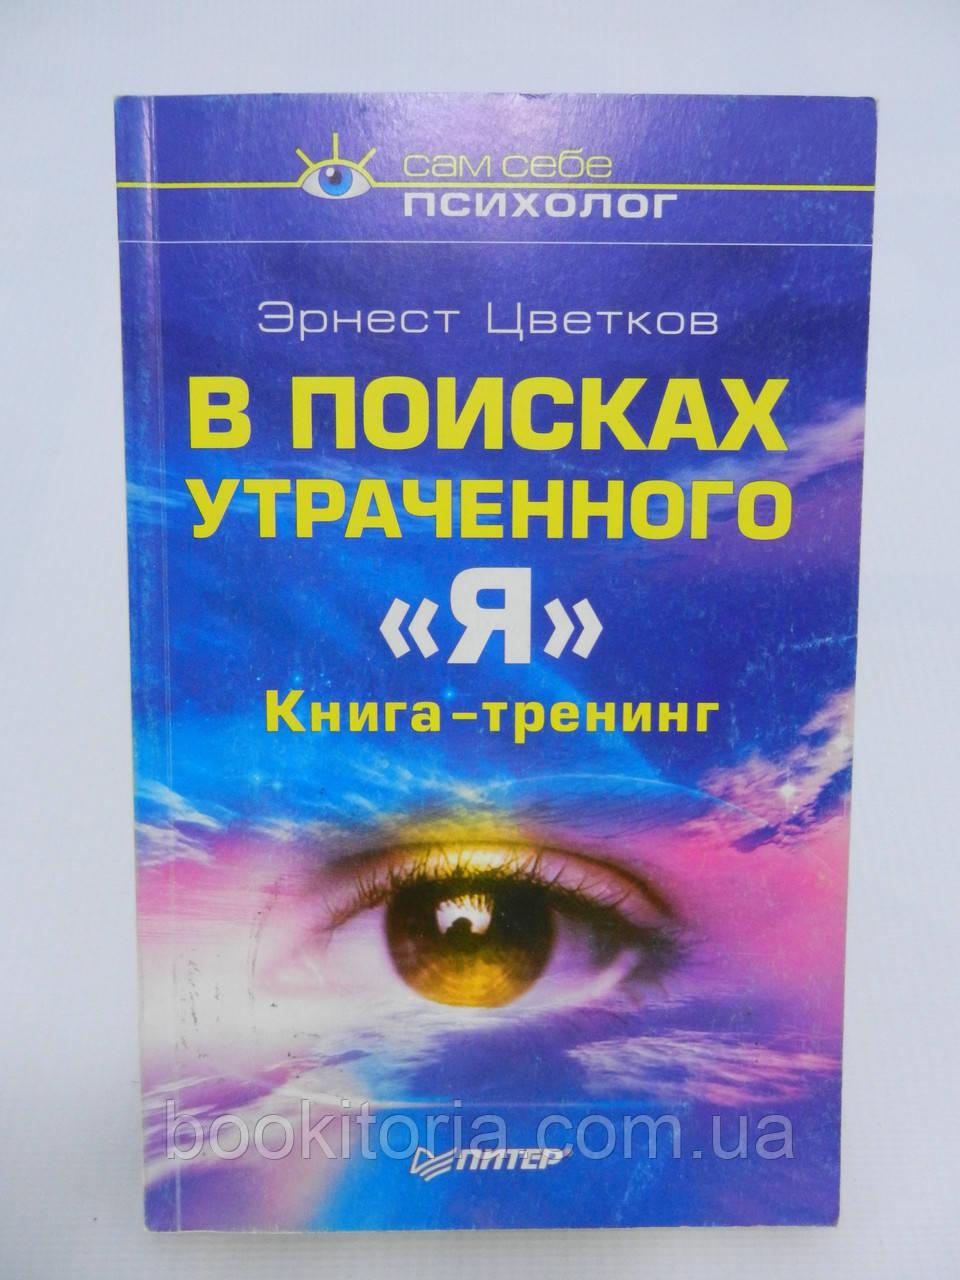 Цветков Э. В поисках утраченного «Я» (б/у).